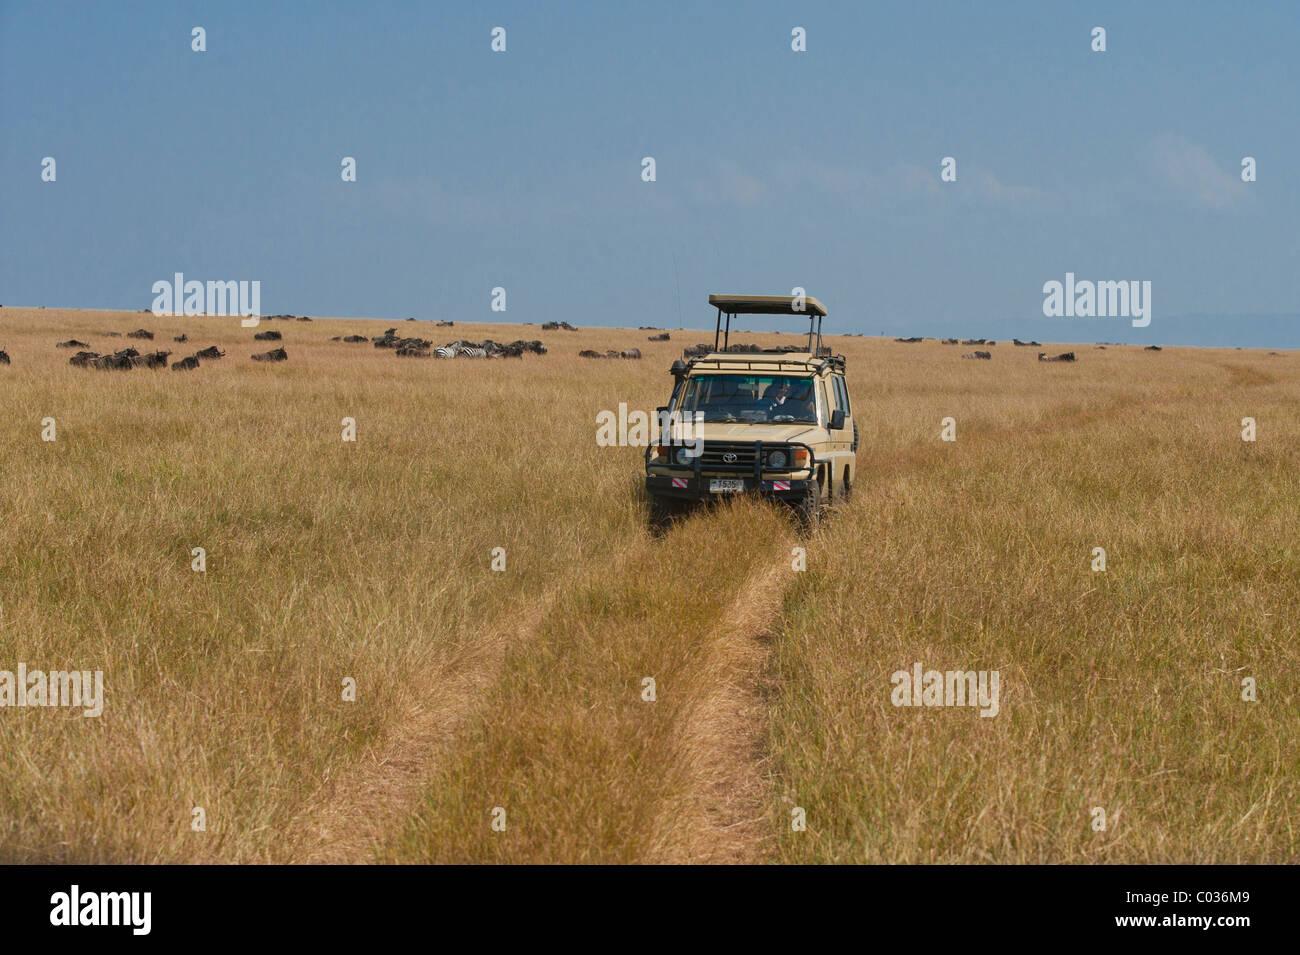 Veicolo fuoristrada nel Serengeti, safari game drive, Tanzania Africa Immagini Stock